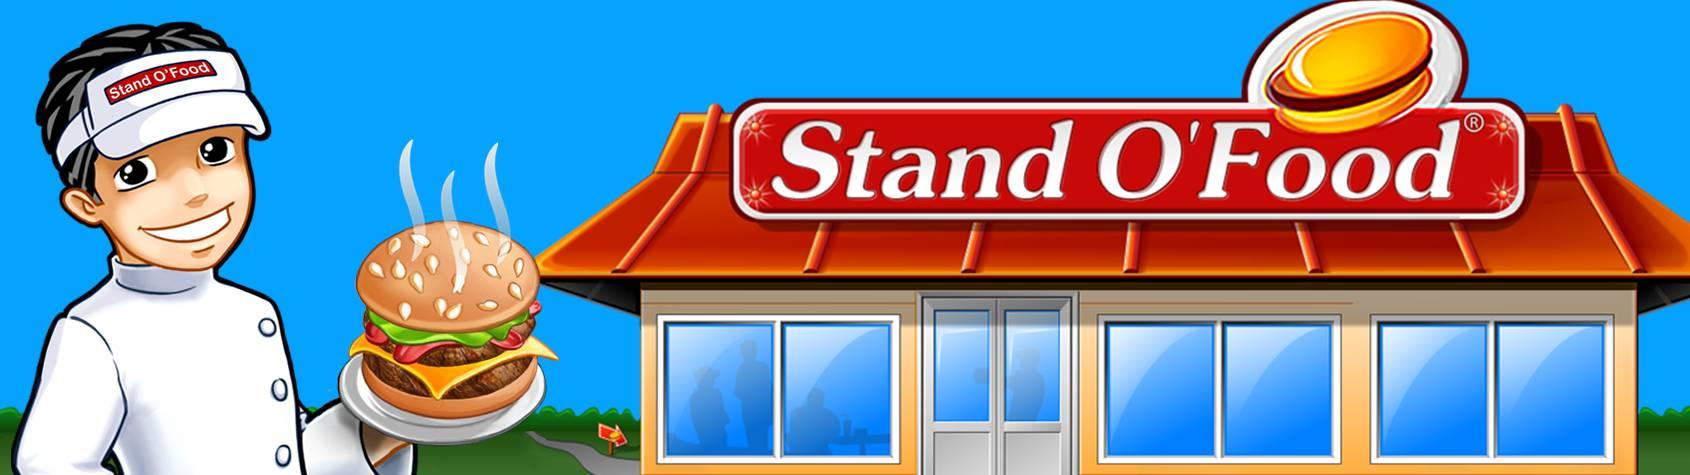 Stand O'Food®